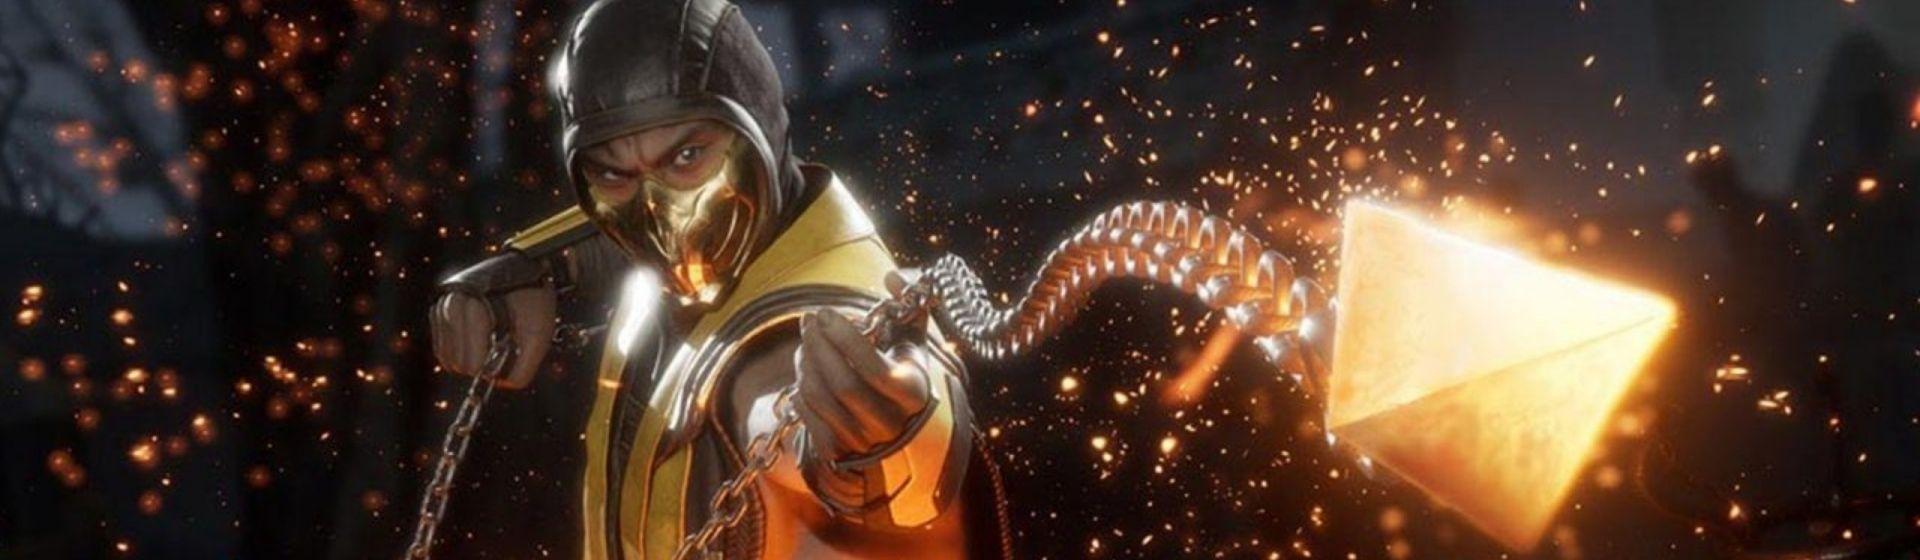 Mortal Kombat 11: como encontrar os itens da Kripta?